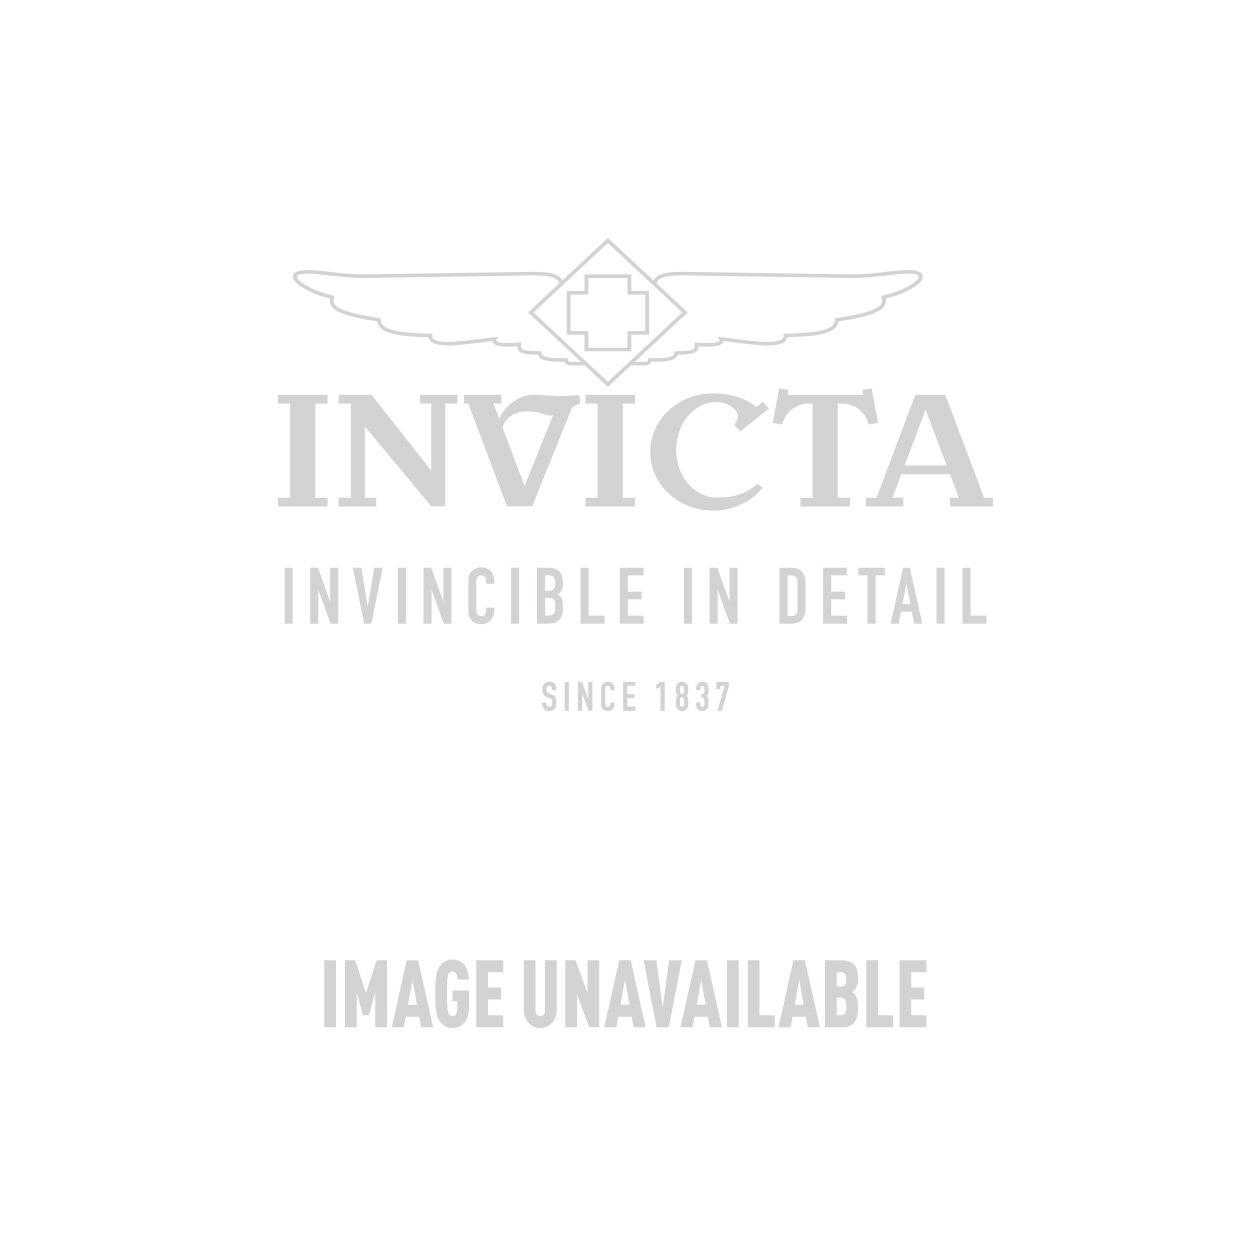 Invicta Model 27186